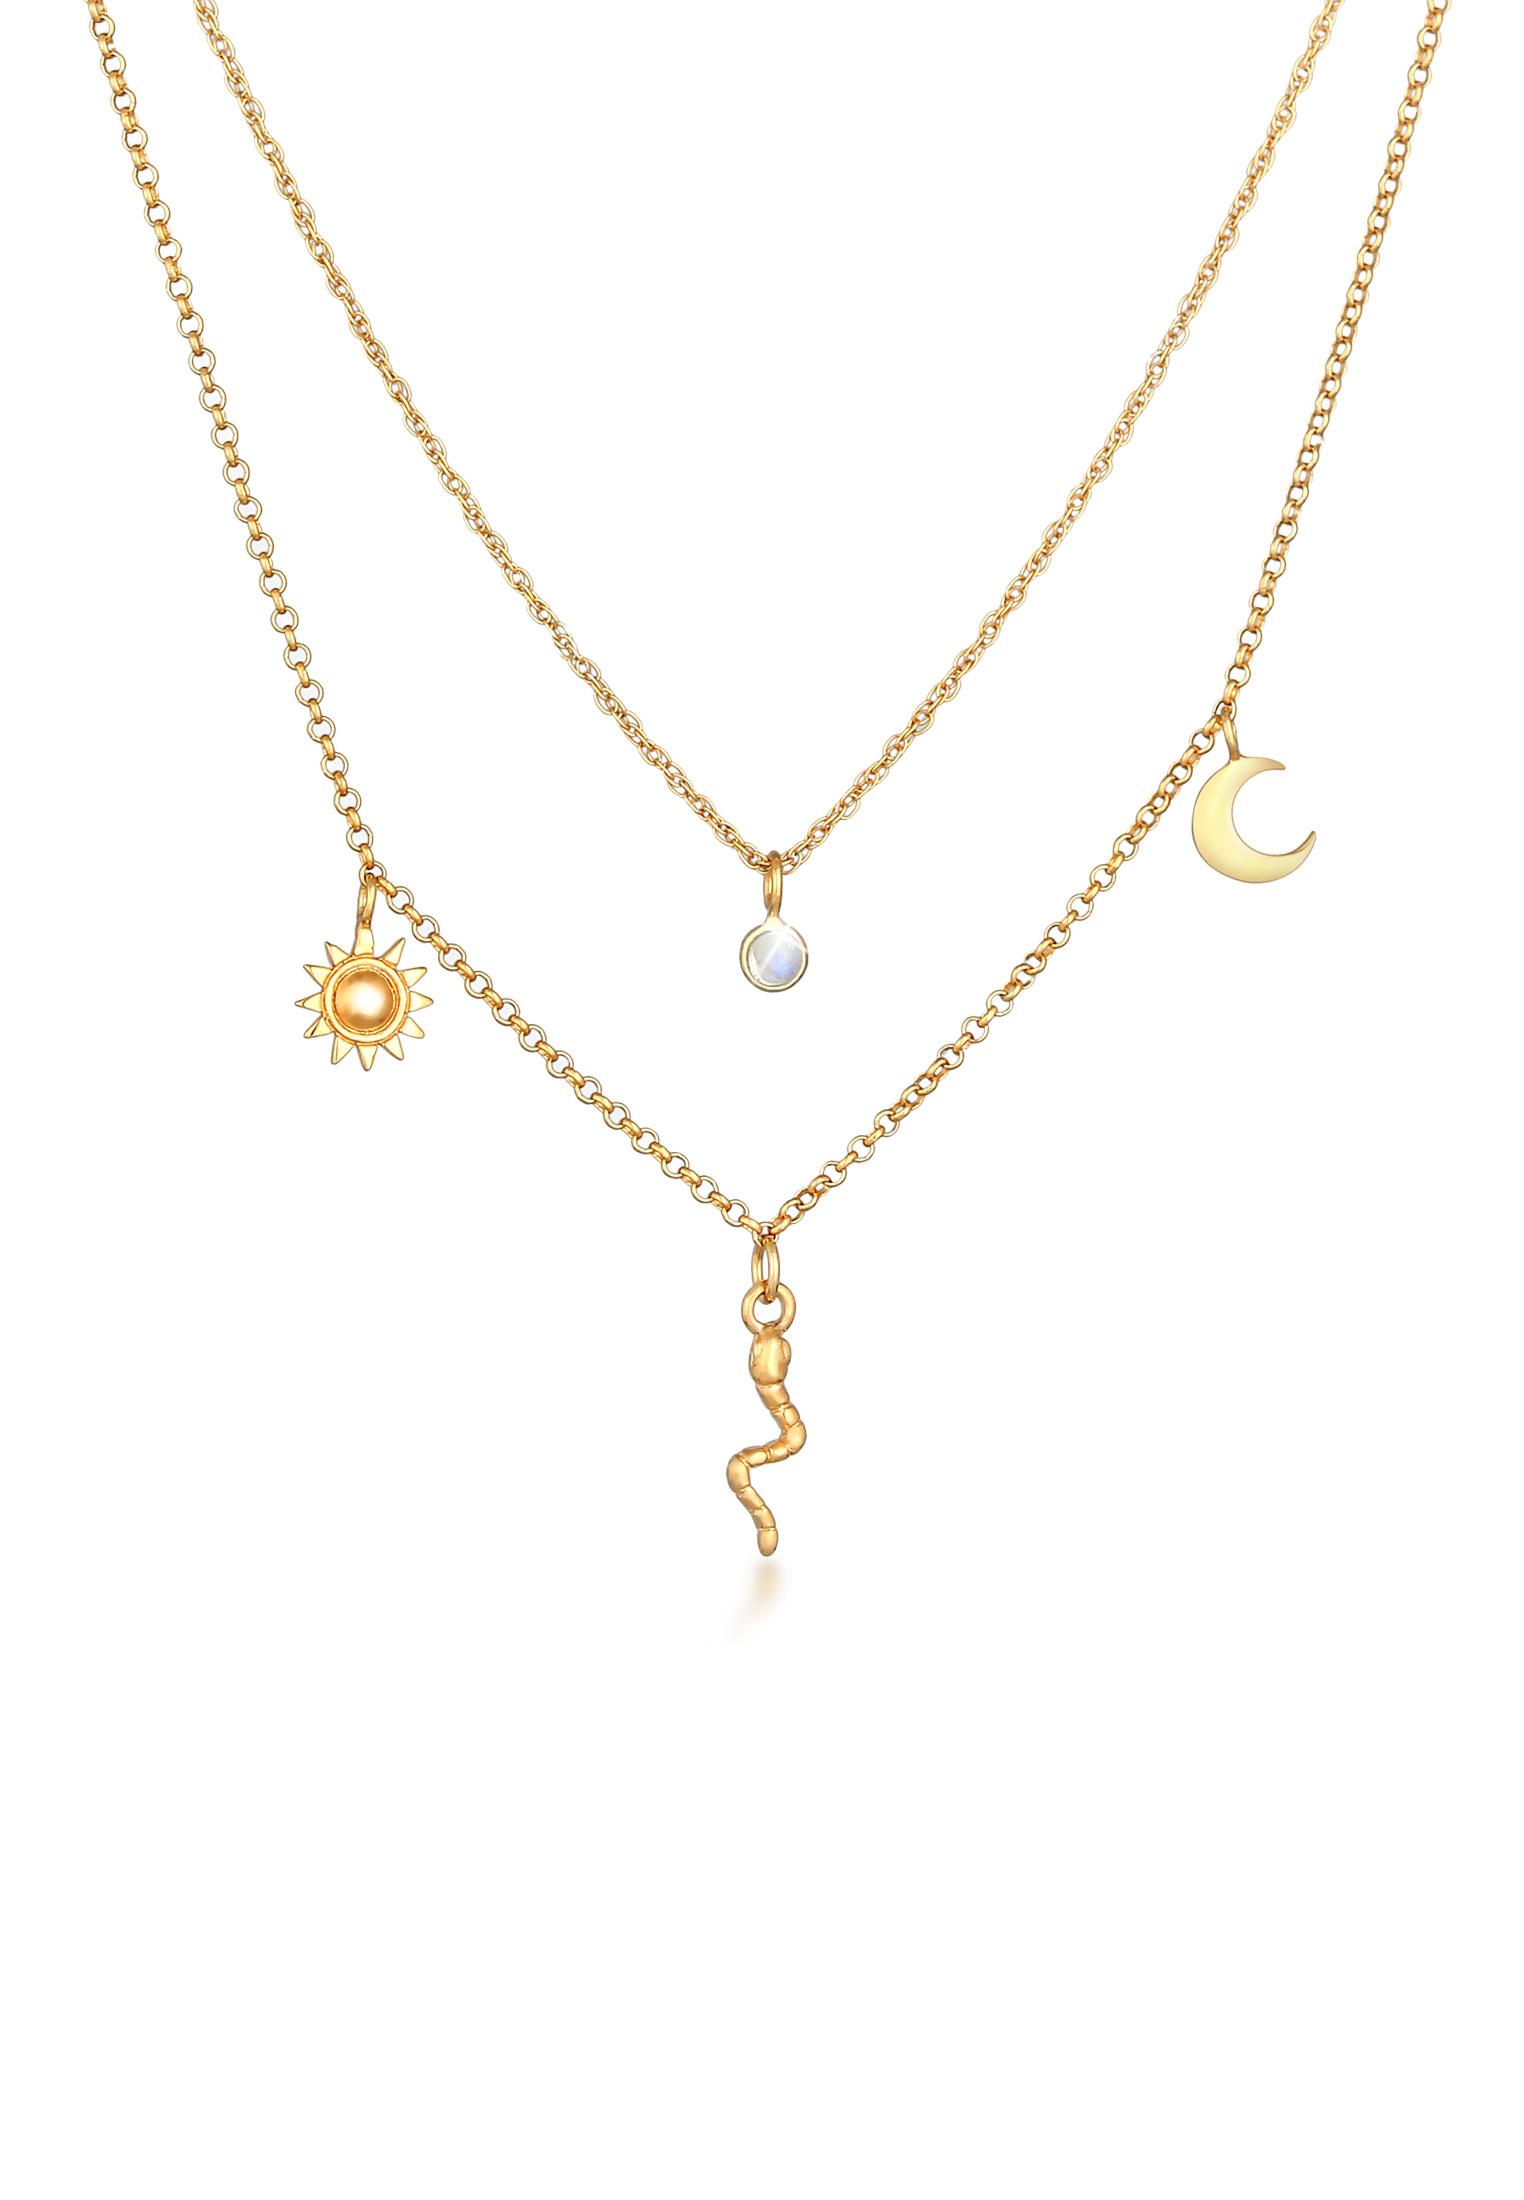 Layer-Halskette Halbmond | Mondstein ( Weiß ) | 925 Sterling Silber vergoldet